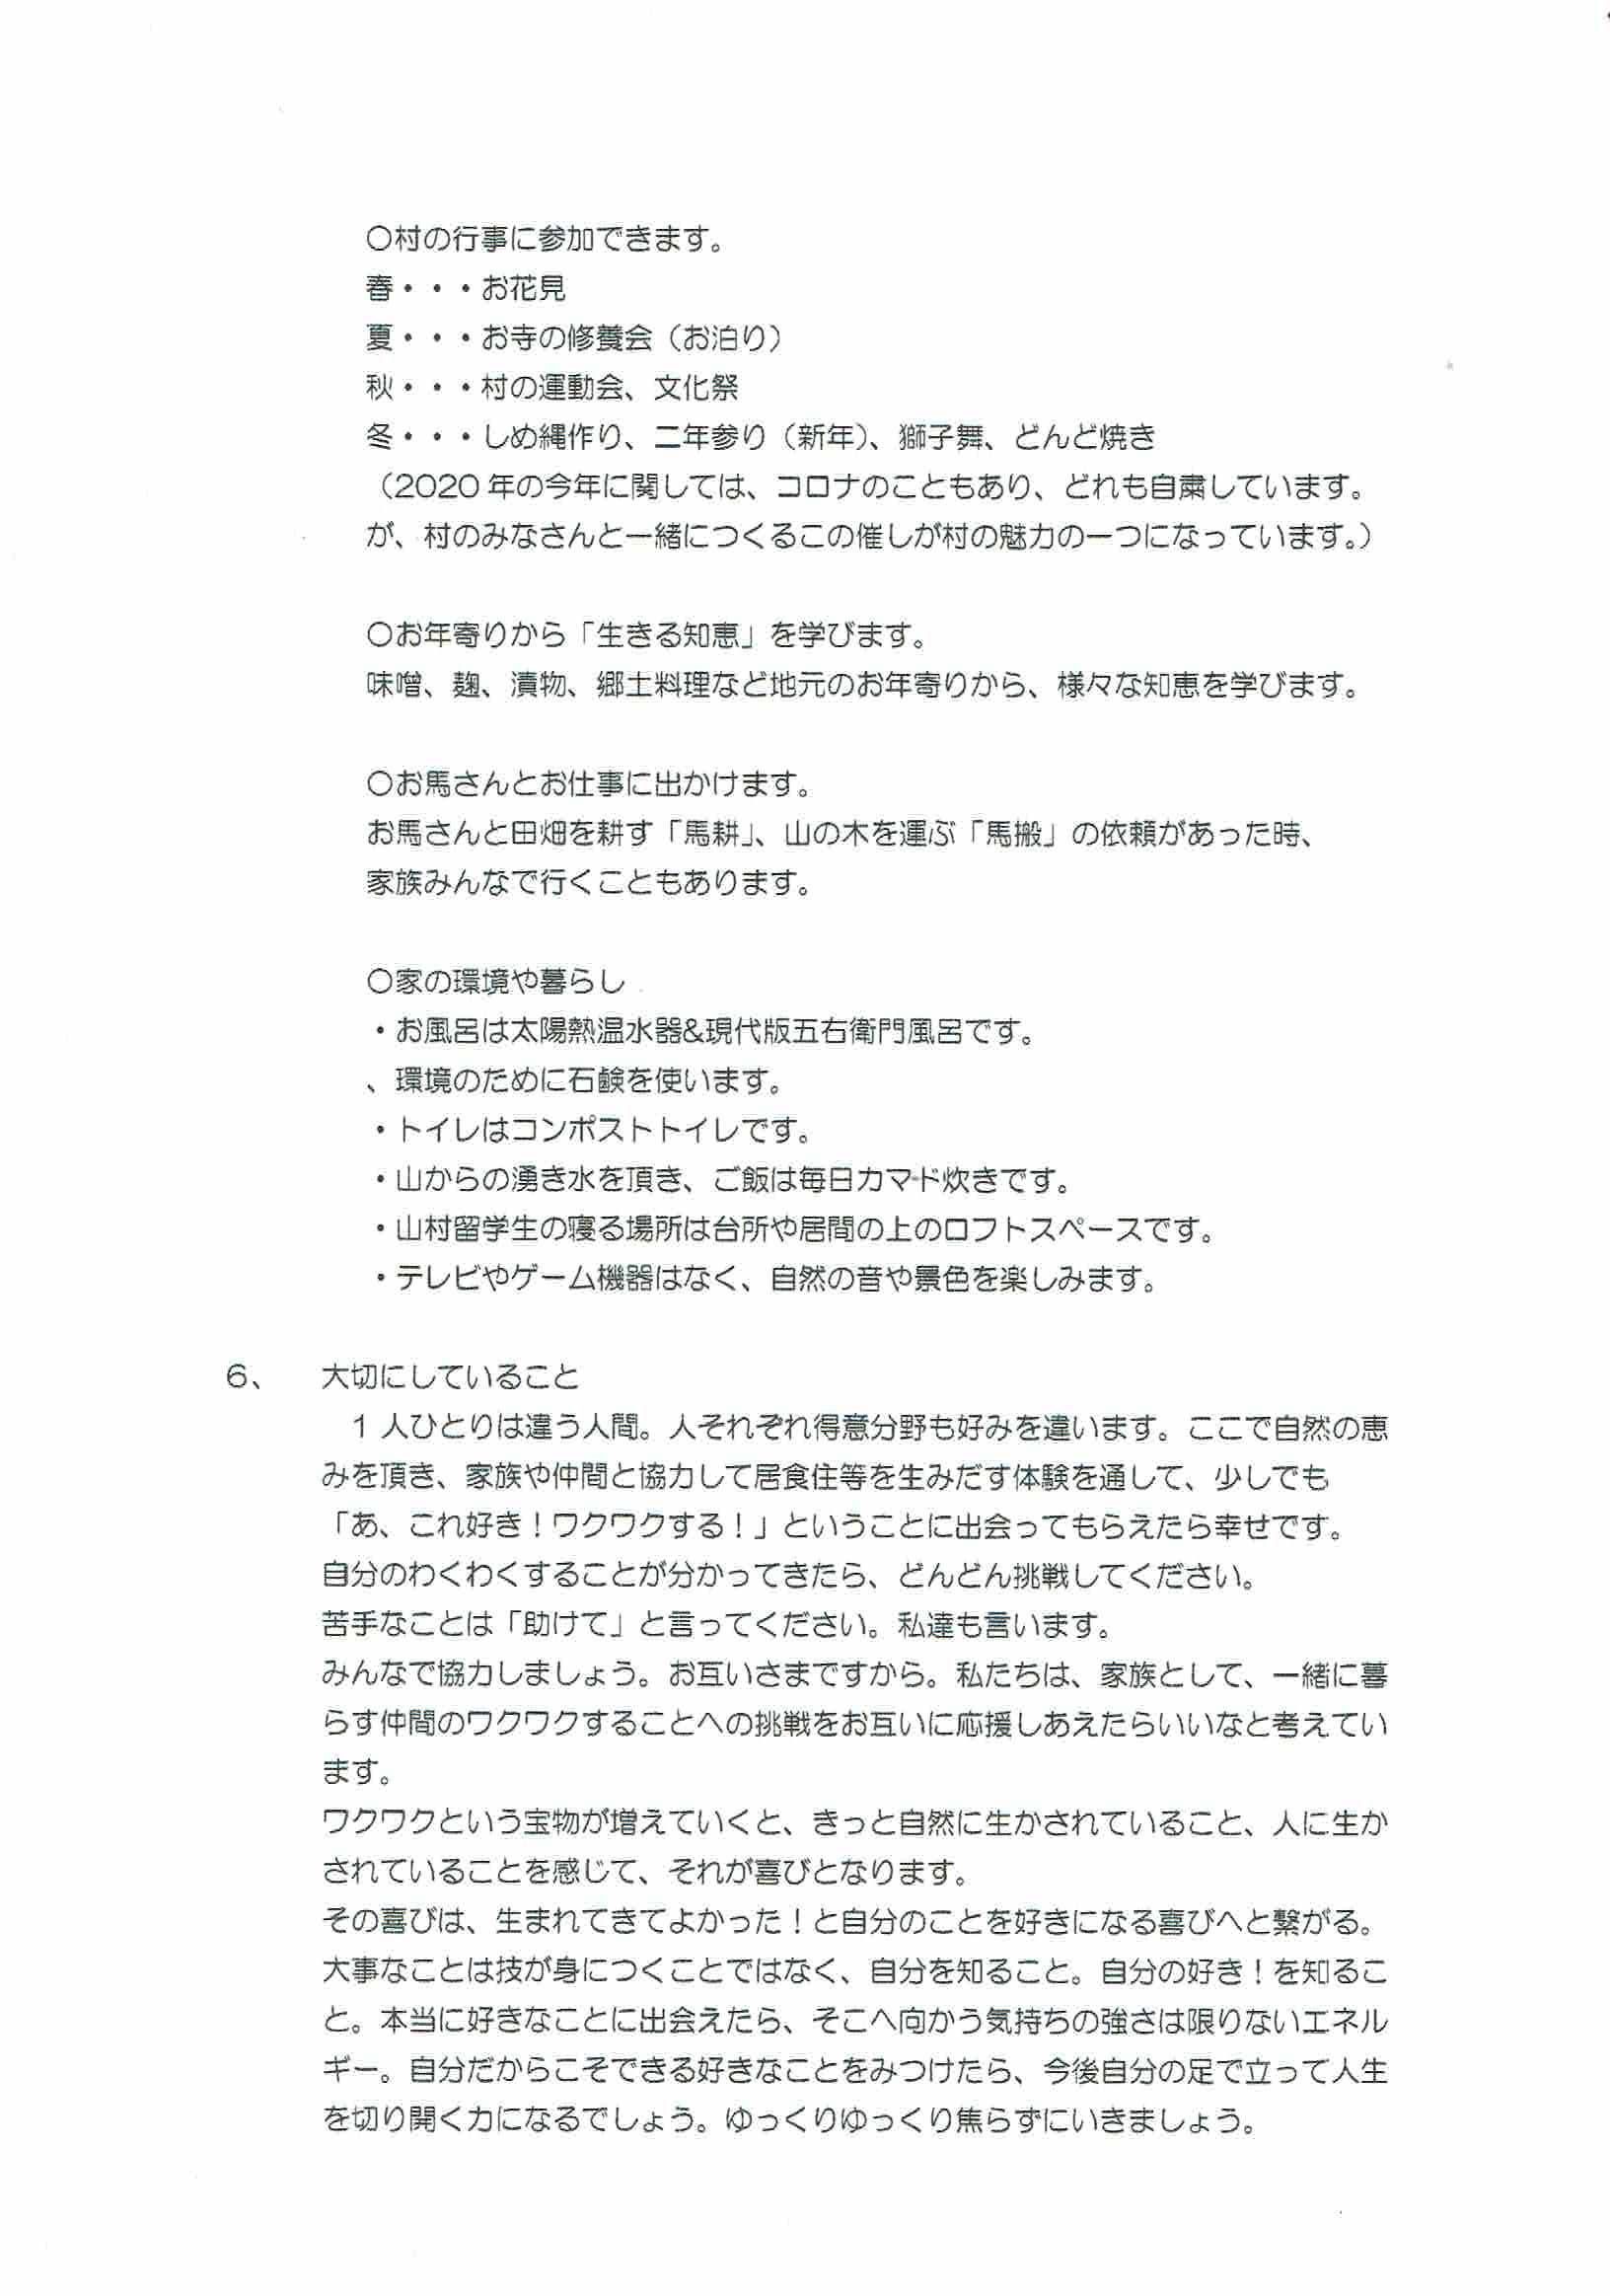 『おもいっきり〇〇しよう!』山村留学ホームステイ 随時受入れ中!!_e0015223_09272119.jpg